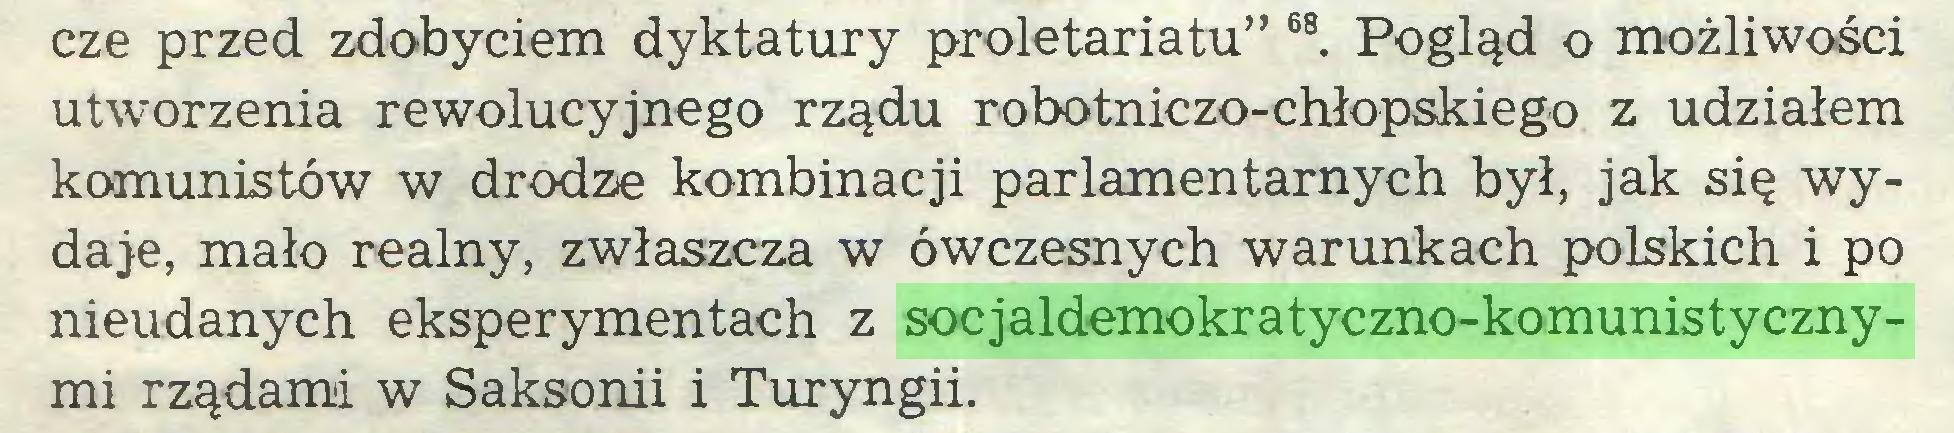 """(...) cze przed zdobyciem dyktatury proletariatu"""" 68. Pogląd o możliwości utworzenia rewolucyjnego rządu robotniczo-chłopskiego z udziałem komunistów w drodze kombinacji parlamentarnych był, jak się wydaje, mało realny, zwłaszcza w ówczesnych warunkach polskich i po nieudanych eksperymentach z socjaldemokratyczno-komunistycznymi rządami w Saksonii i Turyngii..."""